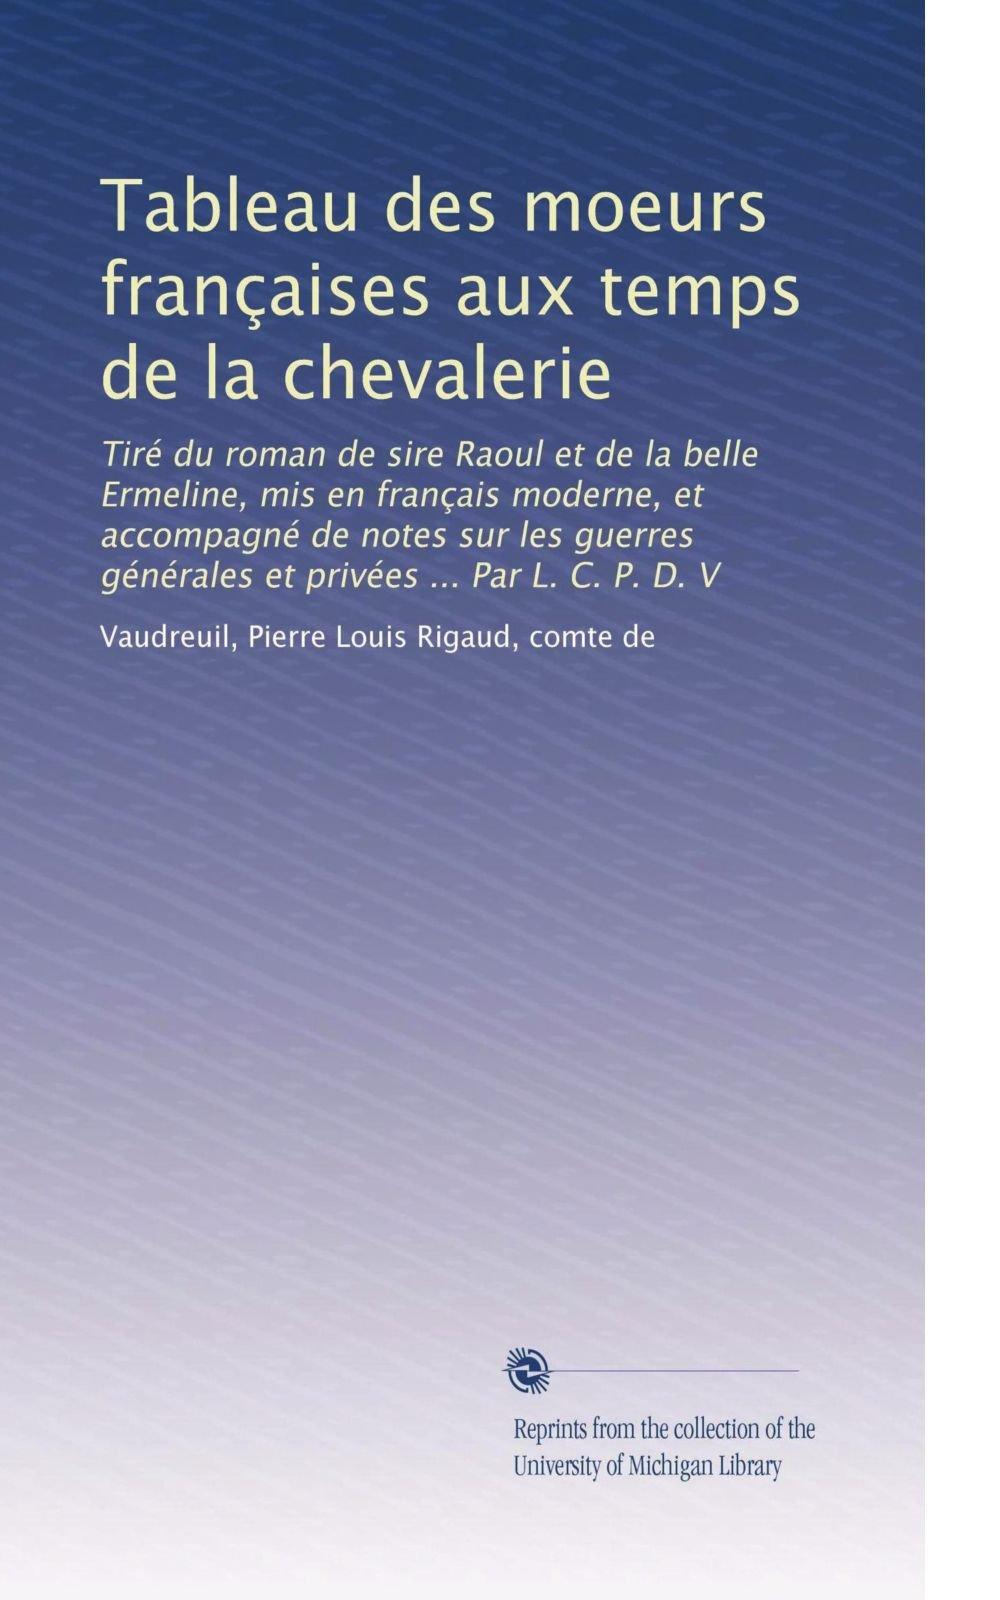 Tableau Des Moeurs Francaises Aux Temps De La Chevalerie Vol 2 Vaudreuil Pierre Louis Rigaud Comte De Ɯ¬ ɀšè²© Amazon